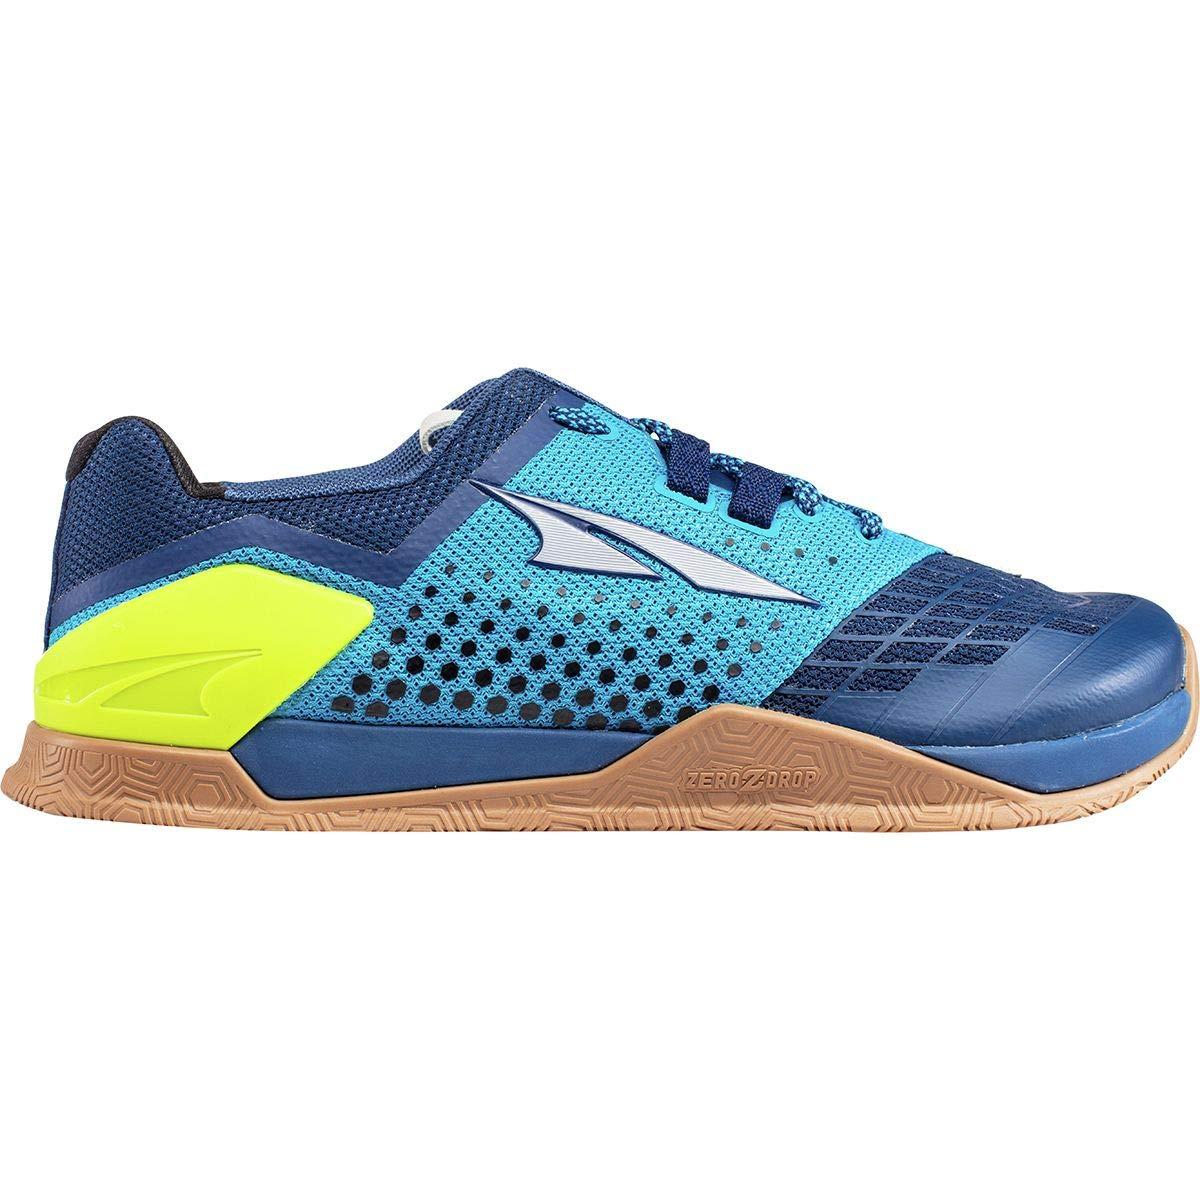 【超歓迎】 [オルトラ] メンズ ランニング メンズ HIIT 2 XT 2 Running Shoe [並行輸入品] ランニング B07P2WJFJJ 13, くらしのeショップ:ed1e19f9 --- beutycity.com